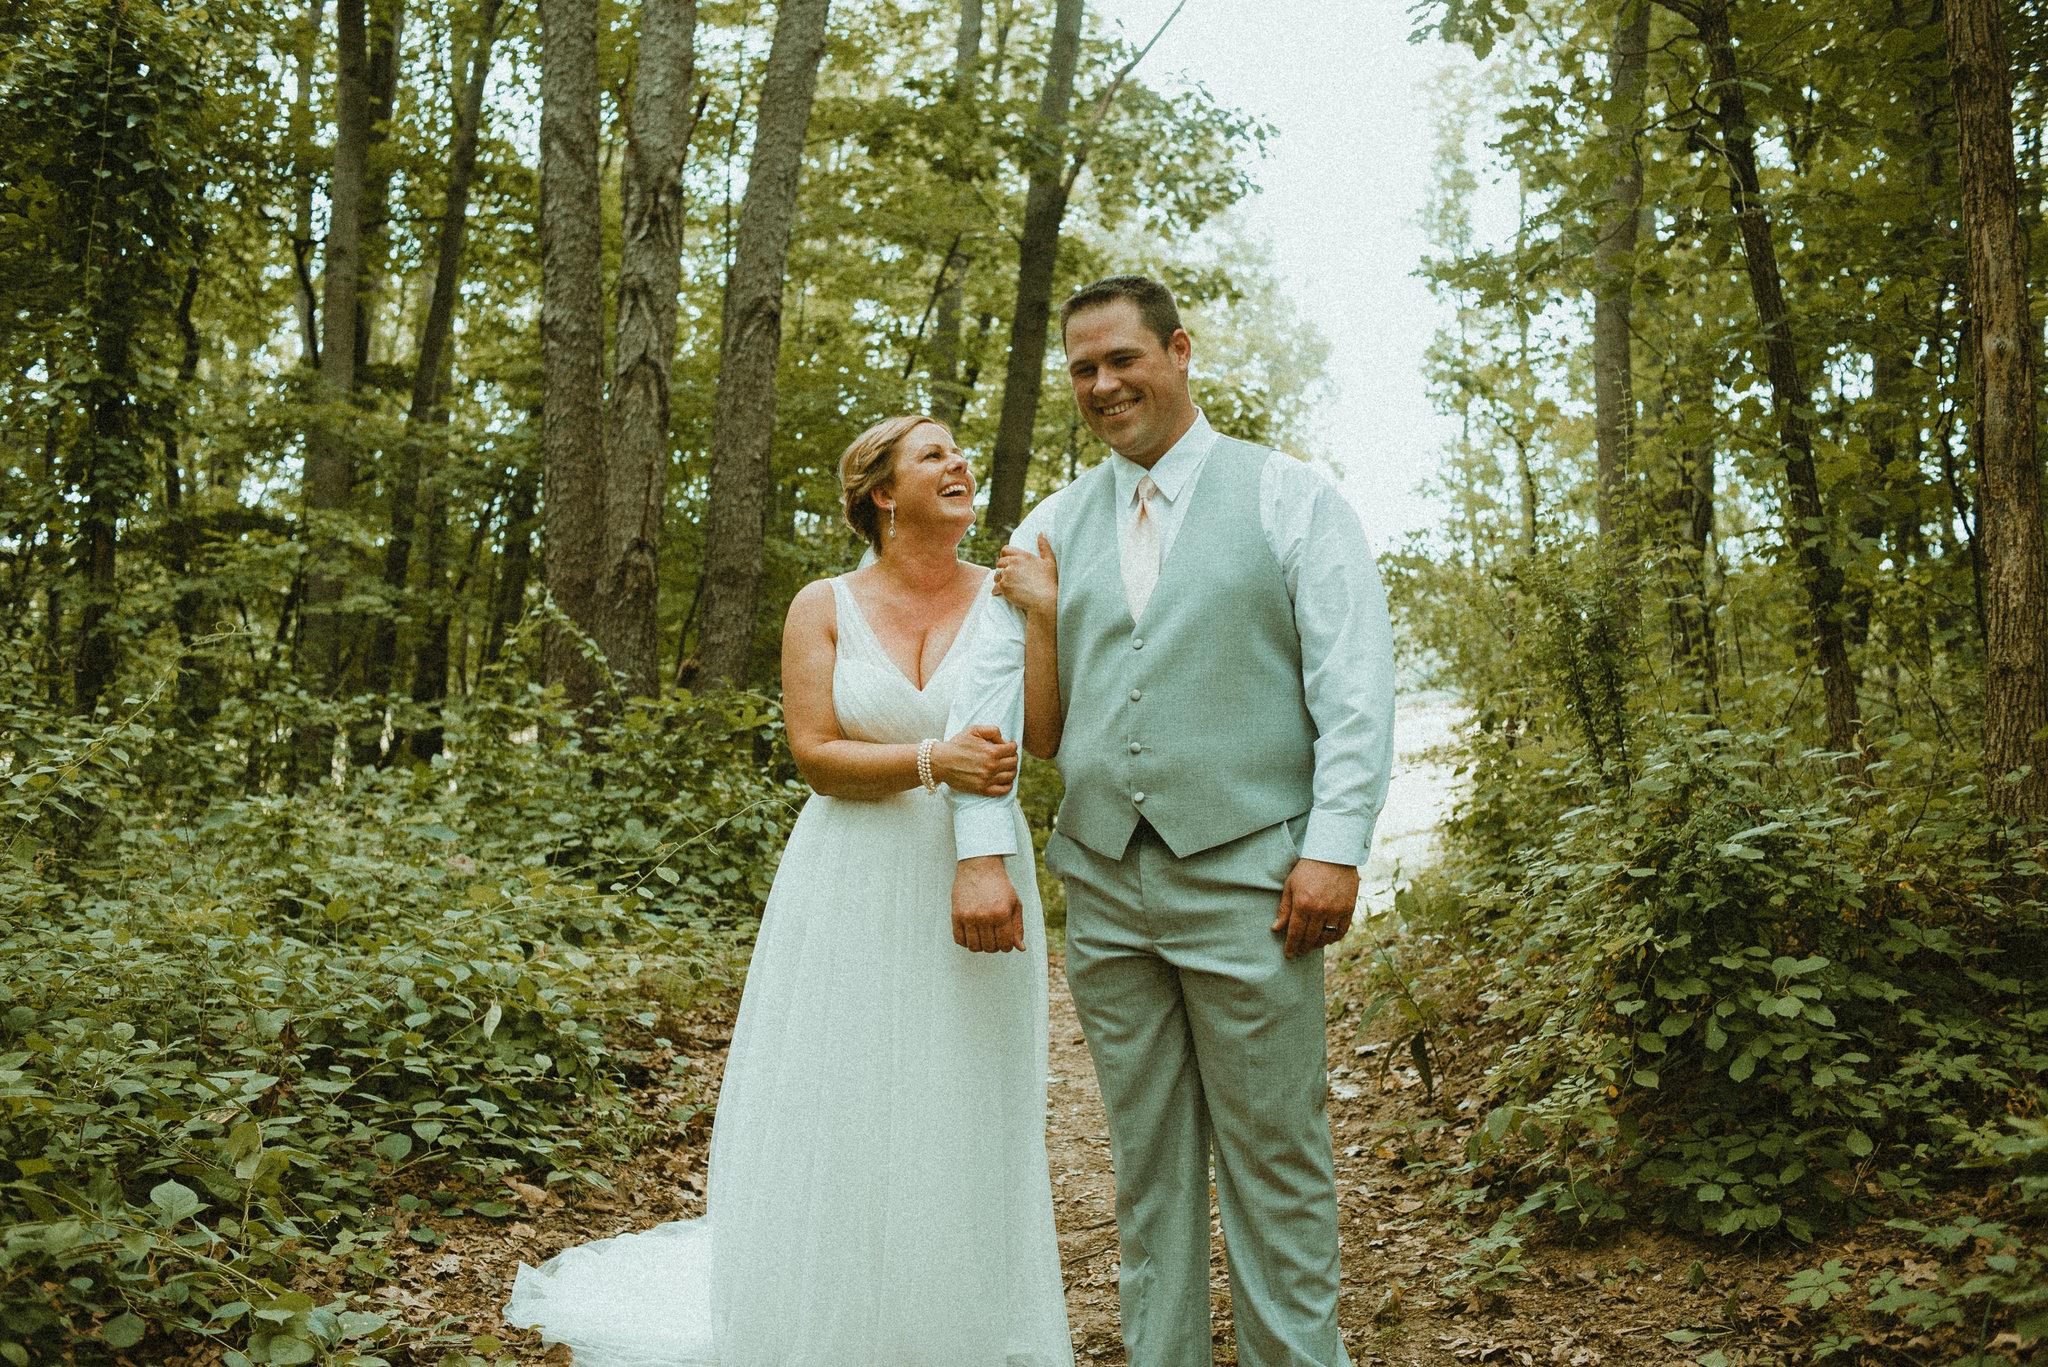 Michelle&Ryan-20180714-17-15-42.JPG